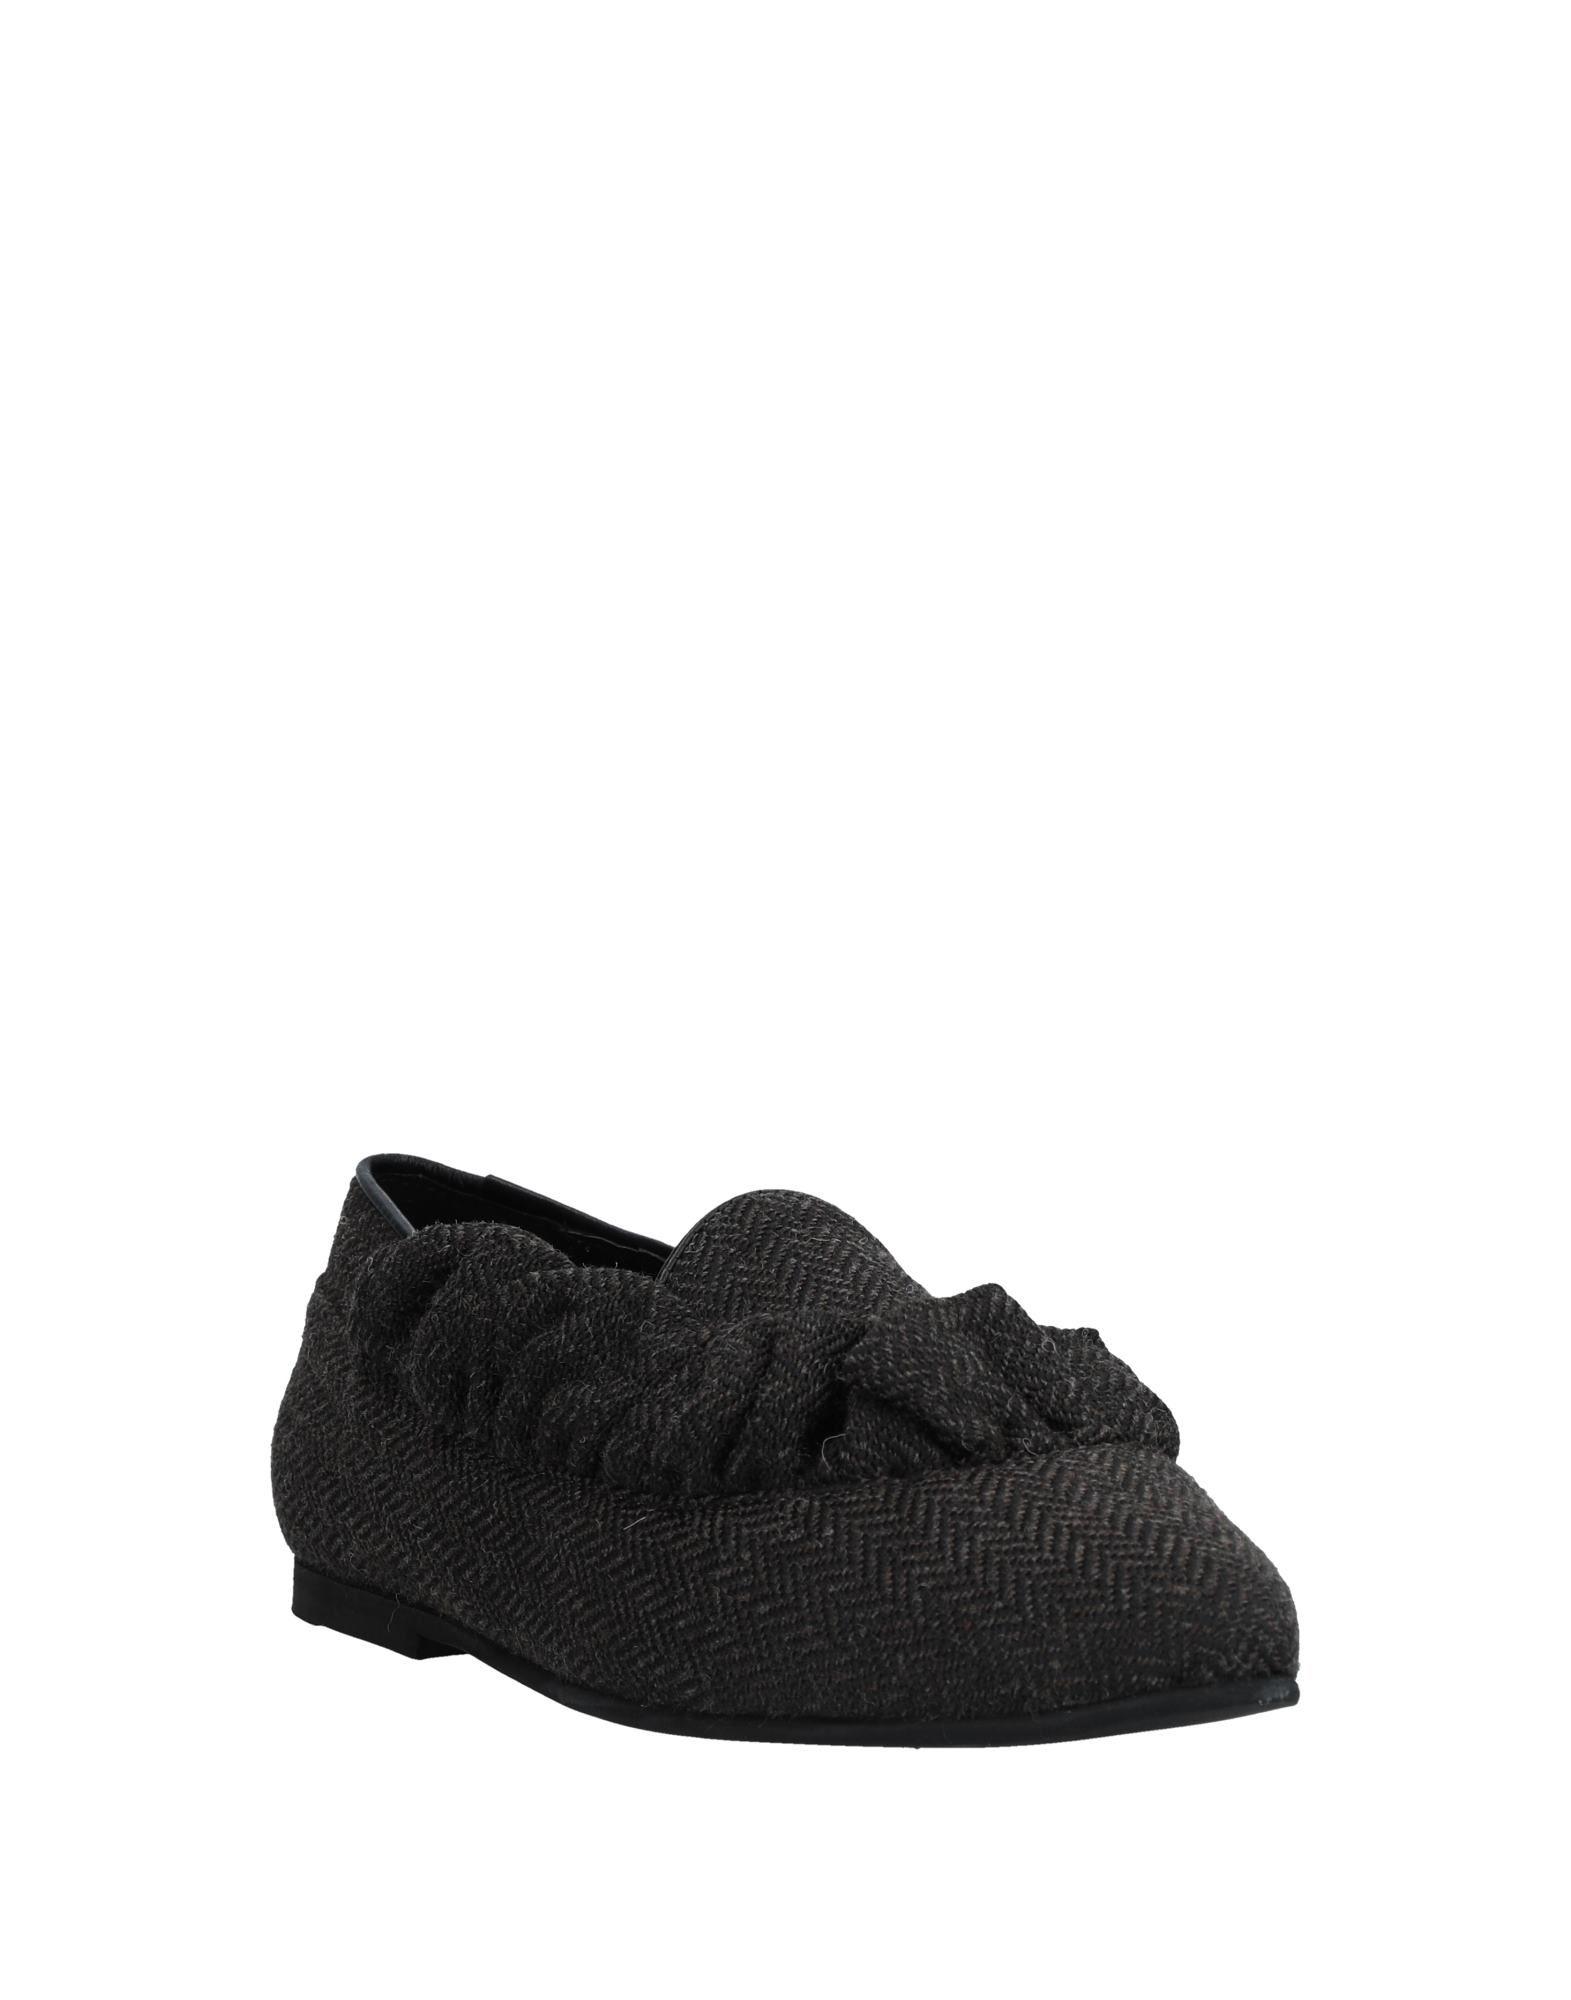 Stilvolle billige Mokassins Schuhe Via Vela 14 Mokassins billige Damen  11543665TB 1e7571